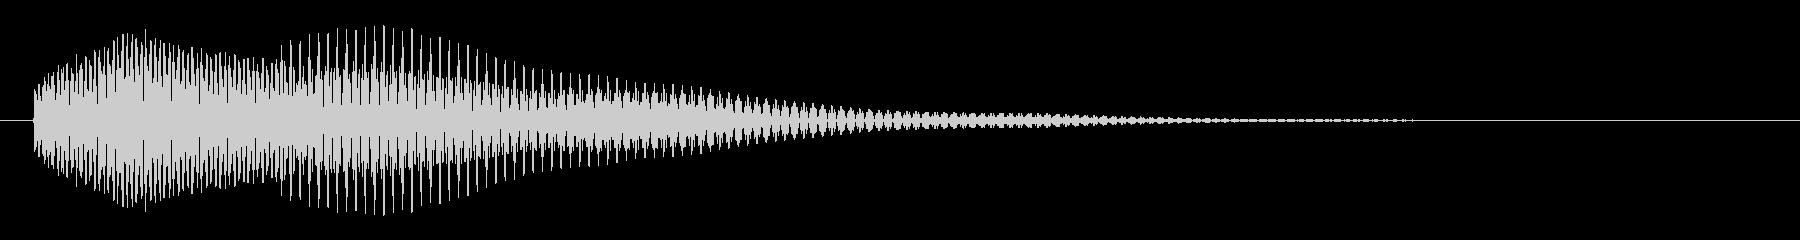 ピコンッ(ビブラホーンのお知らせ音)の未再生の波形